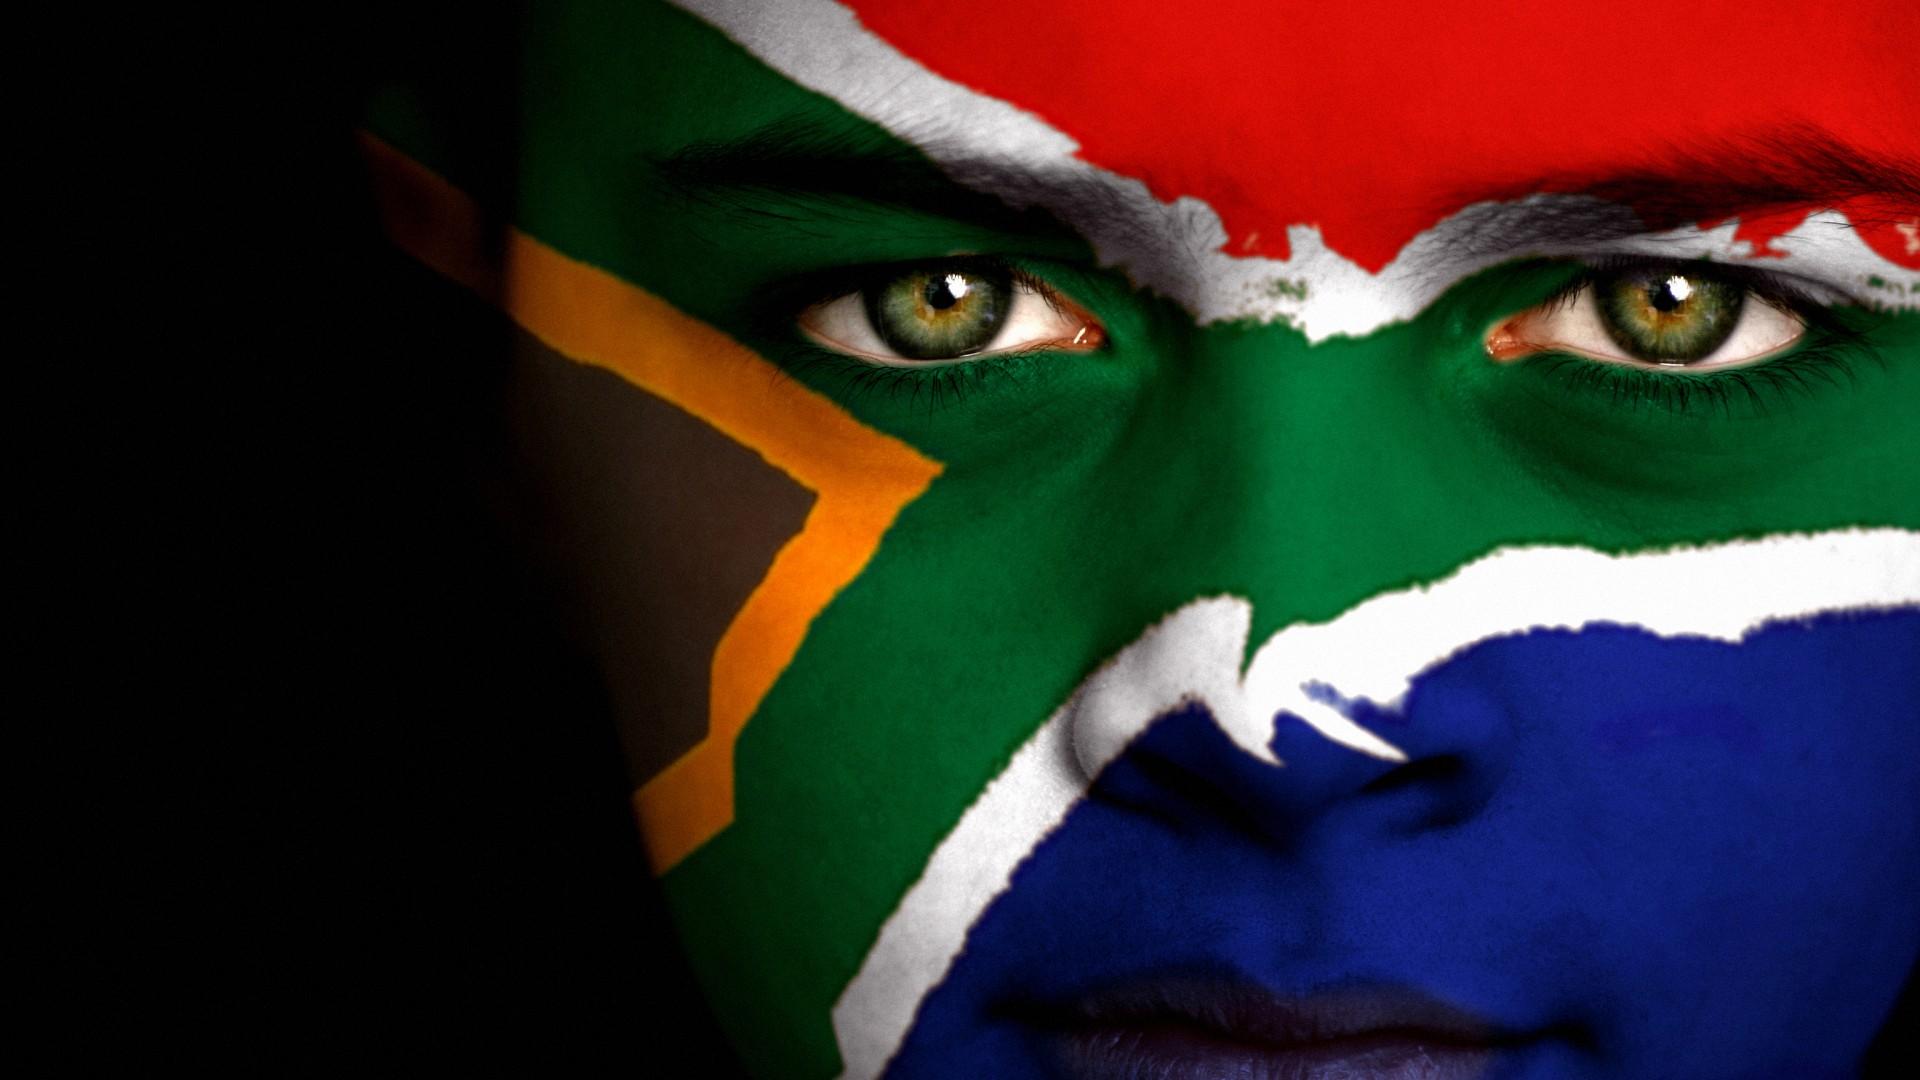 Vivere in sudafrica istruzioni per l 39 uso voglio vivere cos for Sud africa immagini